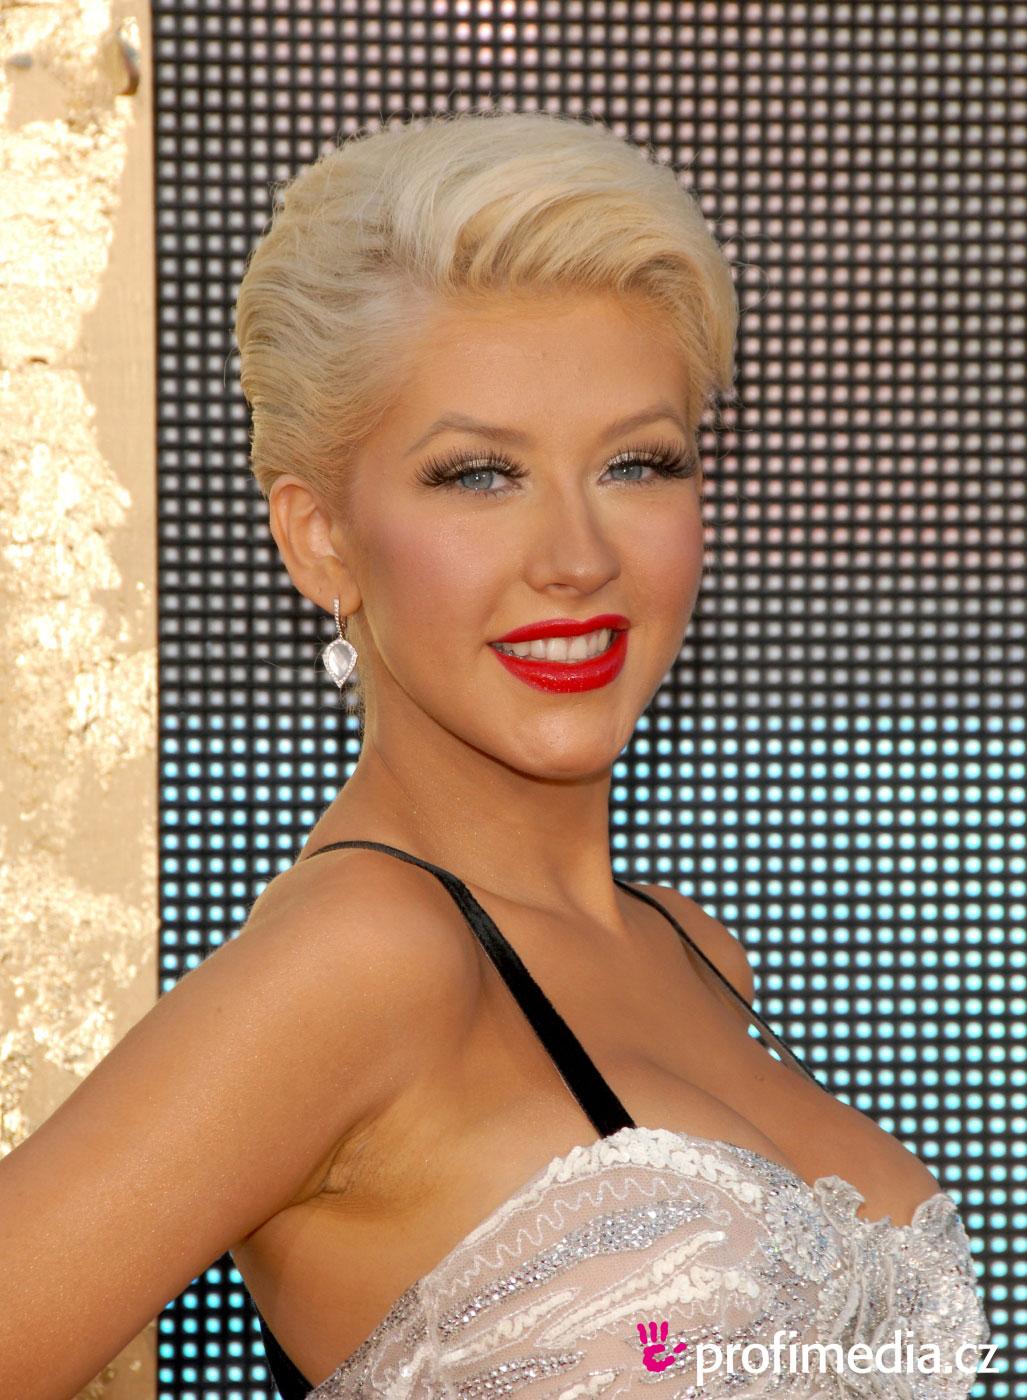 Christina Aguilera Frisur Zum Ausprobieren In EFrisuren